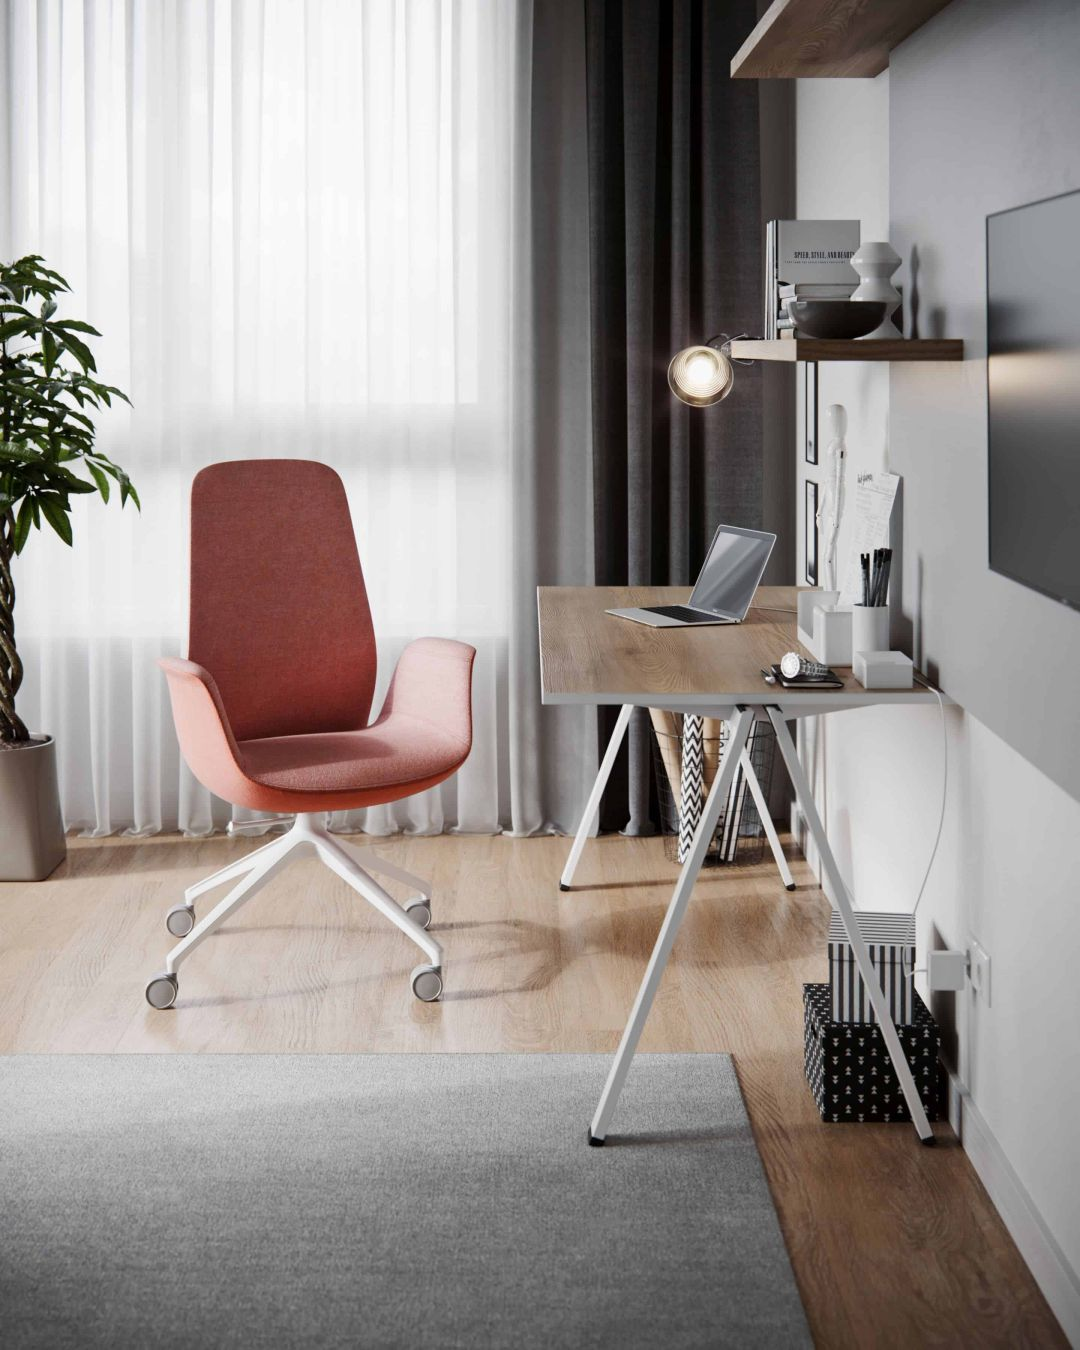 Drehstuhl Ellie Pro von Profi-M an einem Schreibtisch